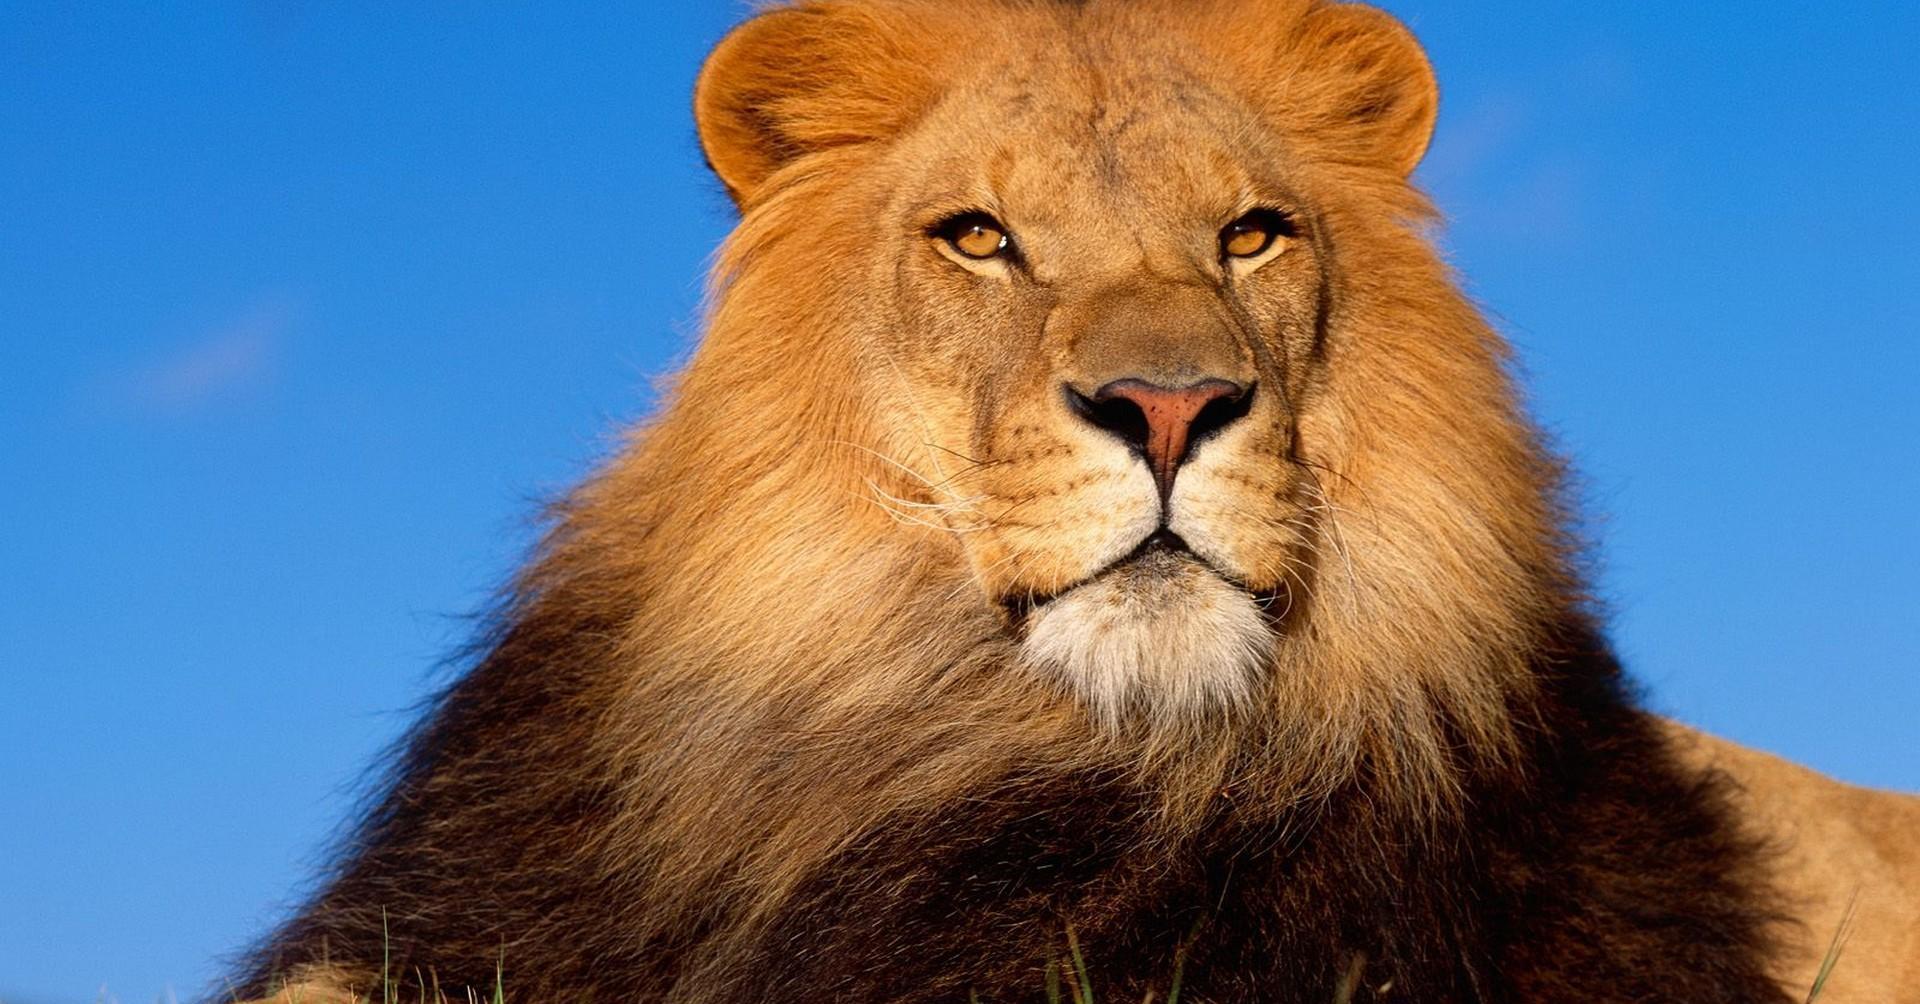 壁纸 动物 狮子 桌面 1920_1080